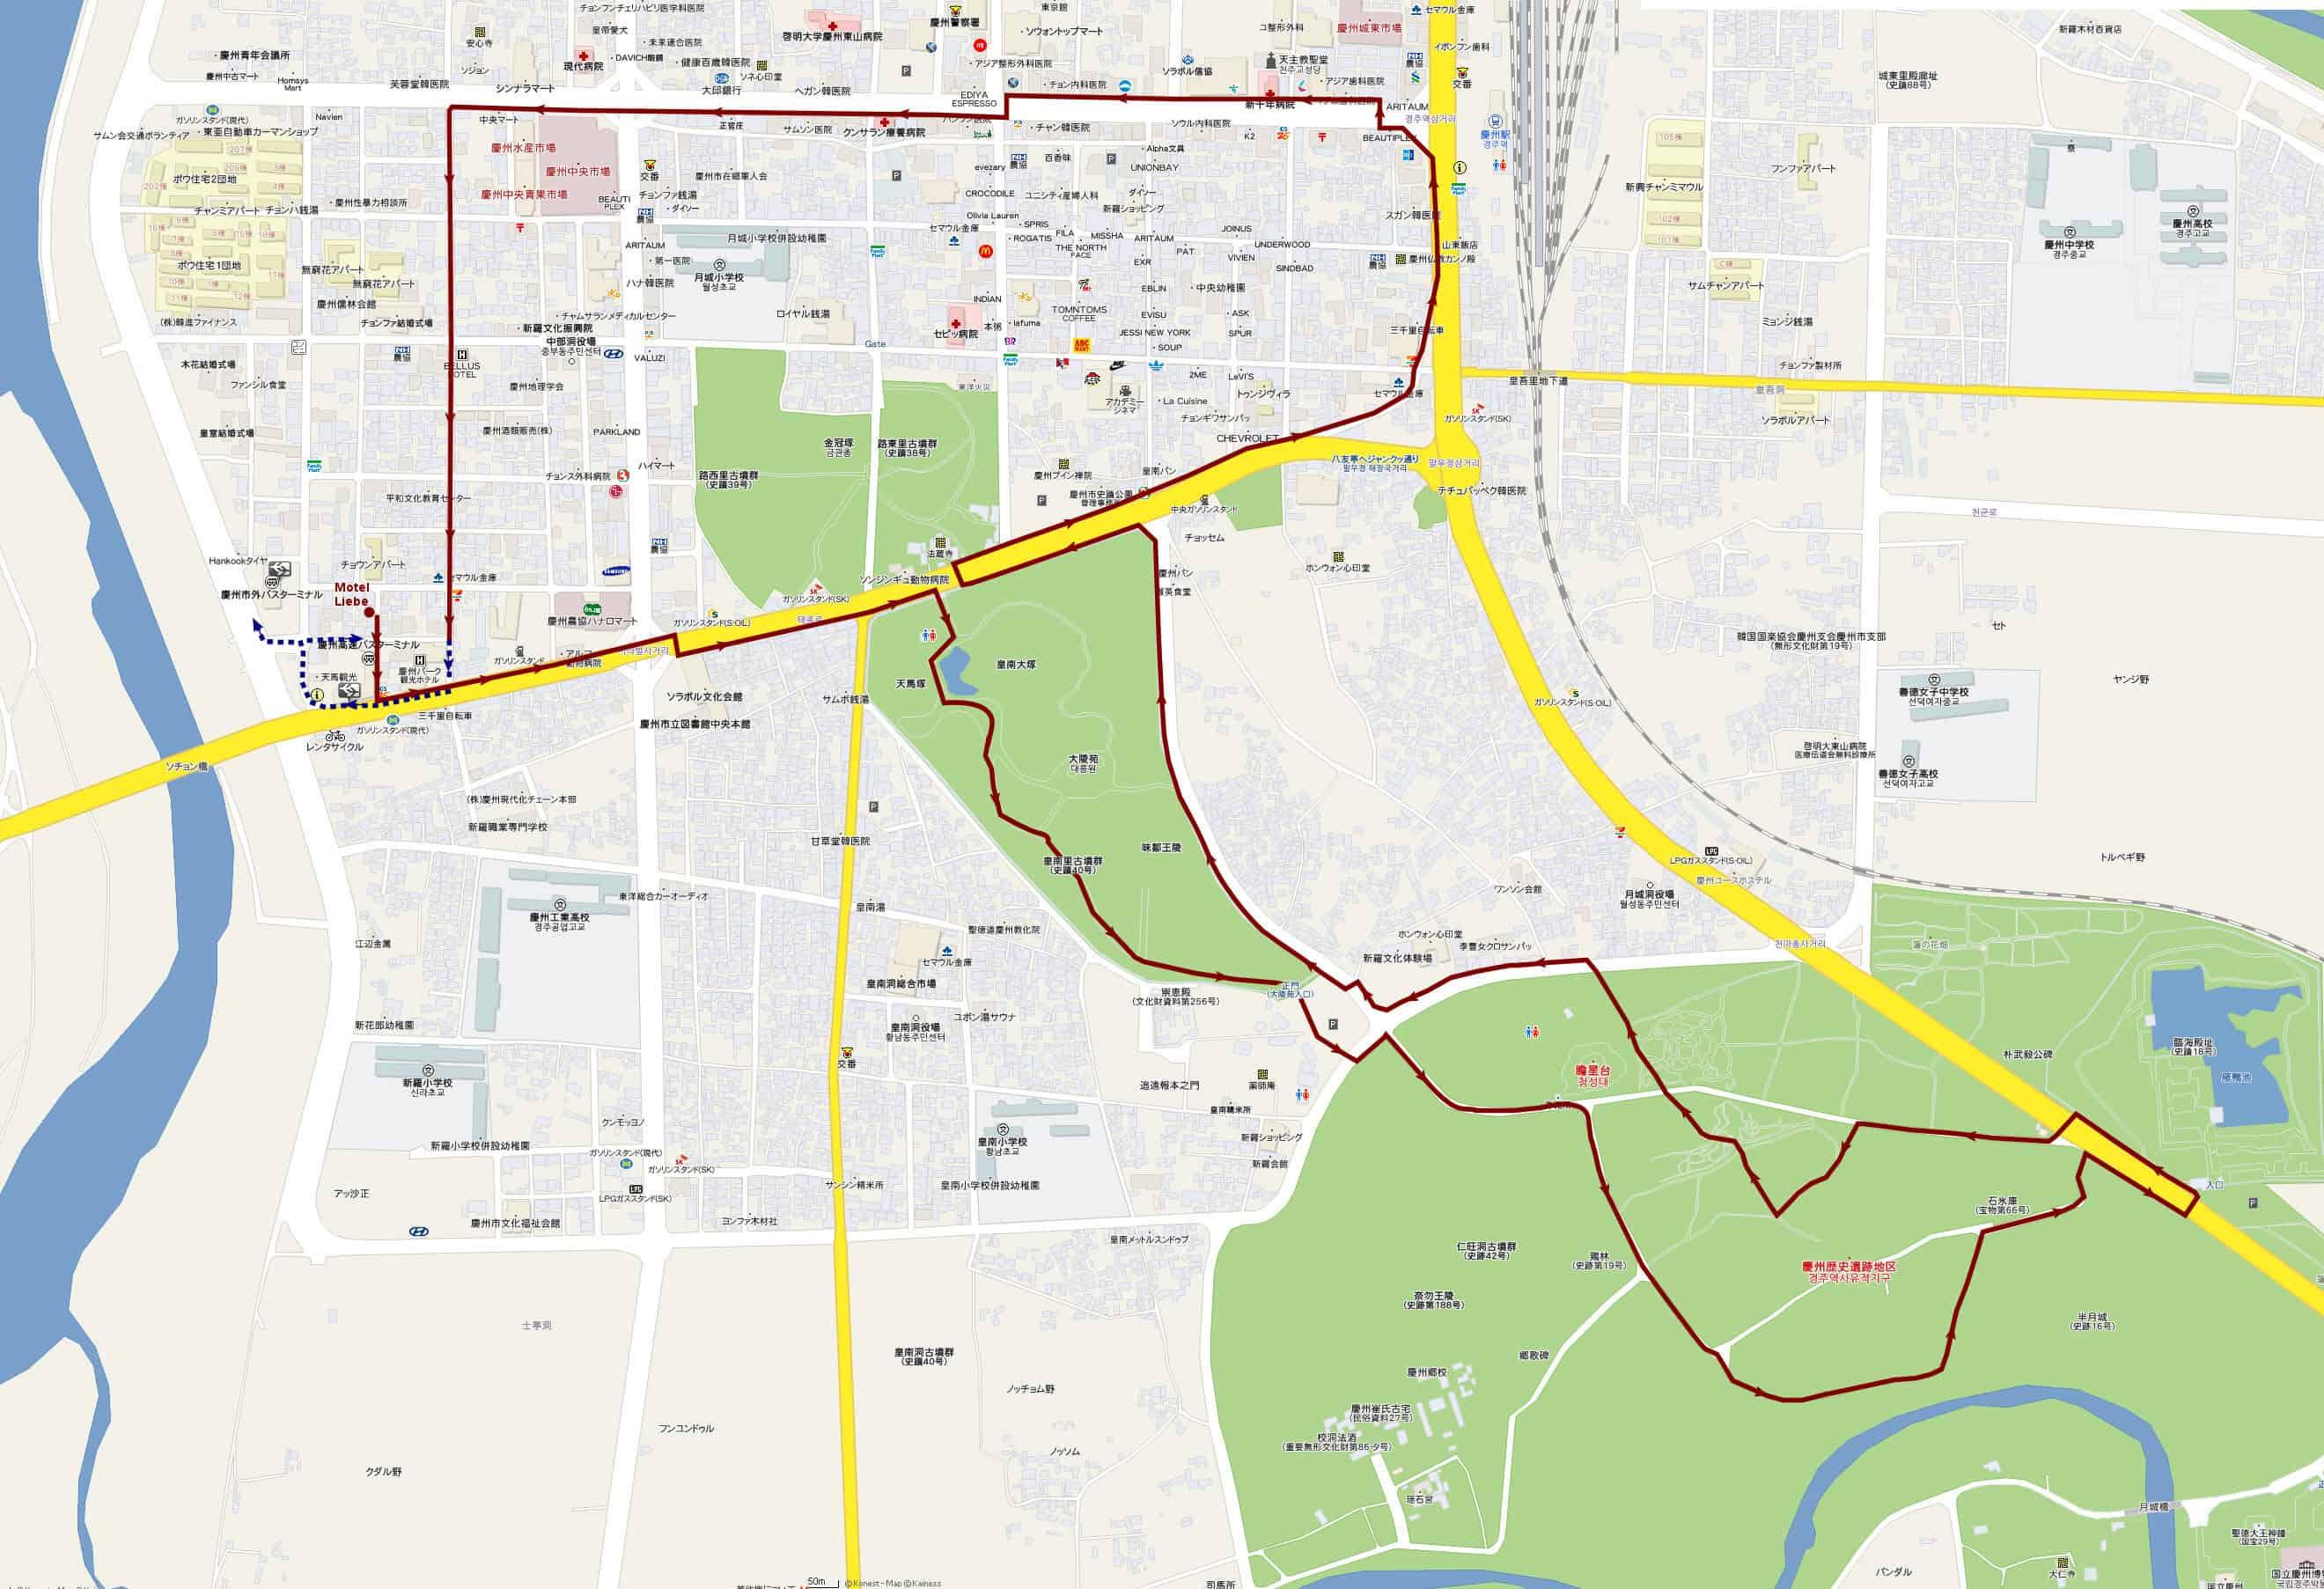 慶州大陵苑、瞻星台、雞林、半月城、石冰庫、雁鴨池旅遊步行路線地圖